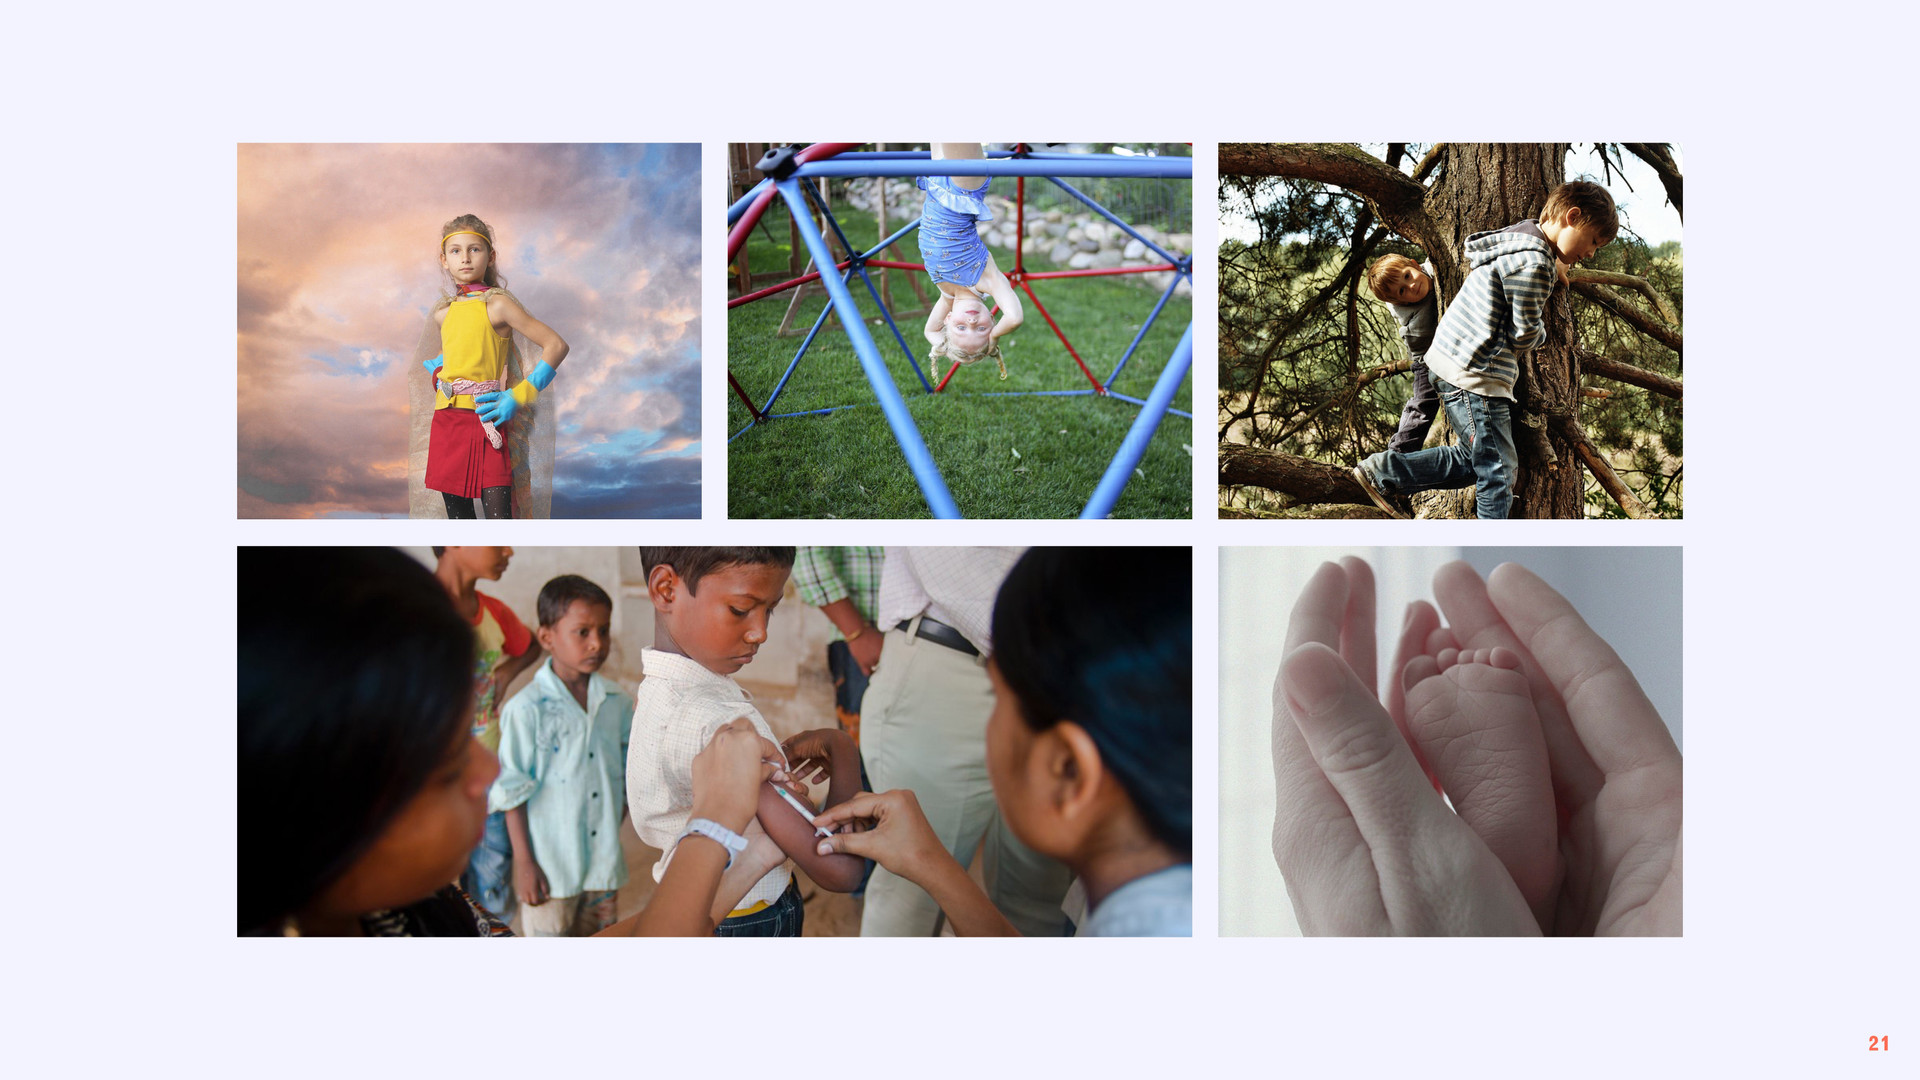 EUFA - Jim Gilchrist v2 website 2 21.jpe